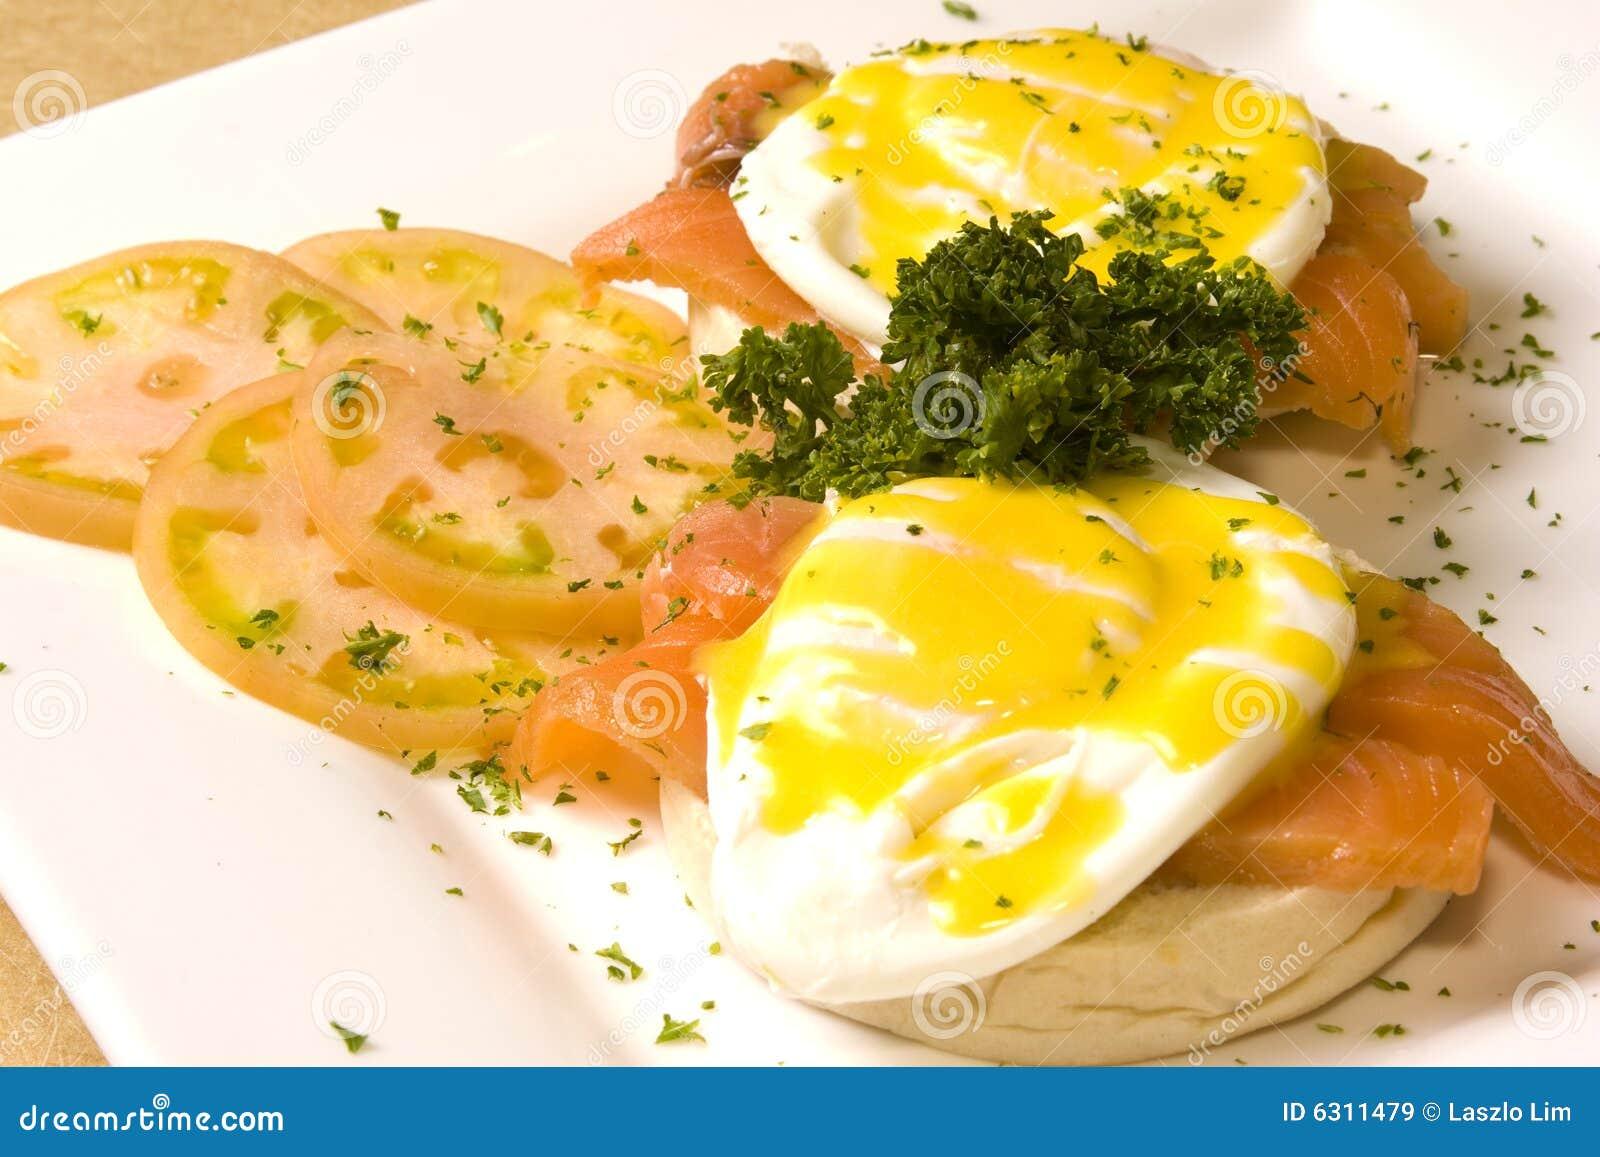 Eggs семги